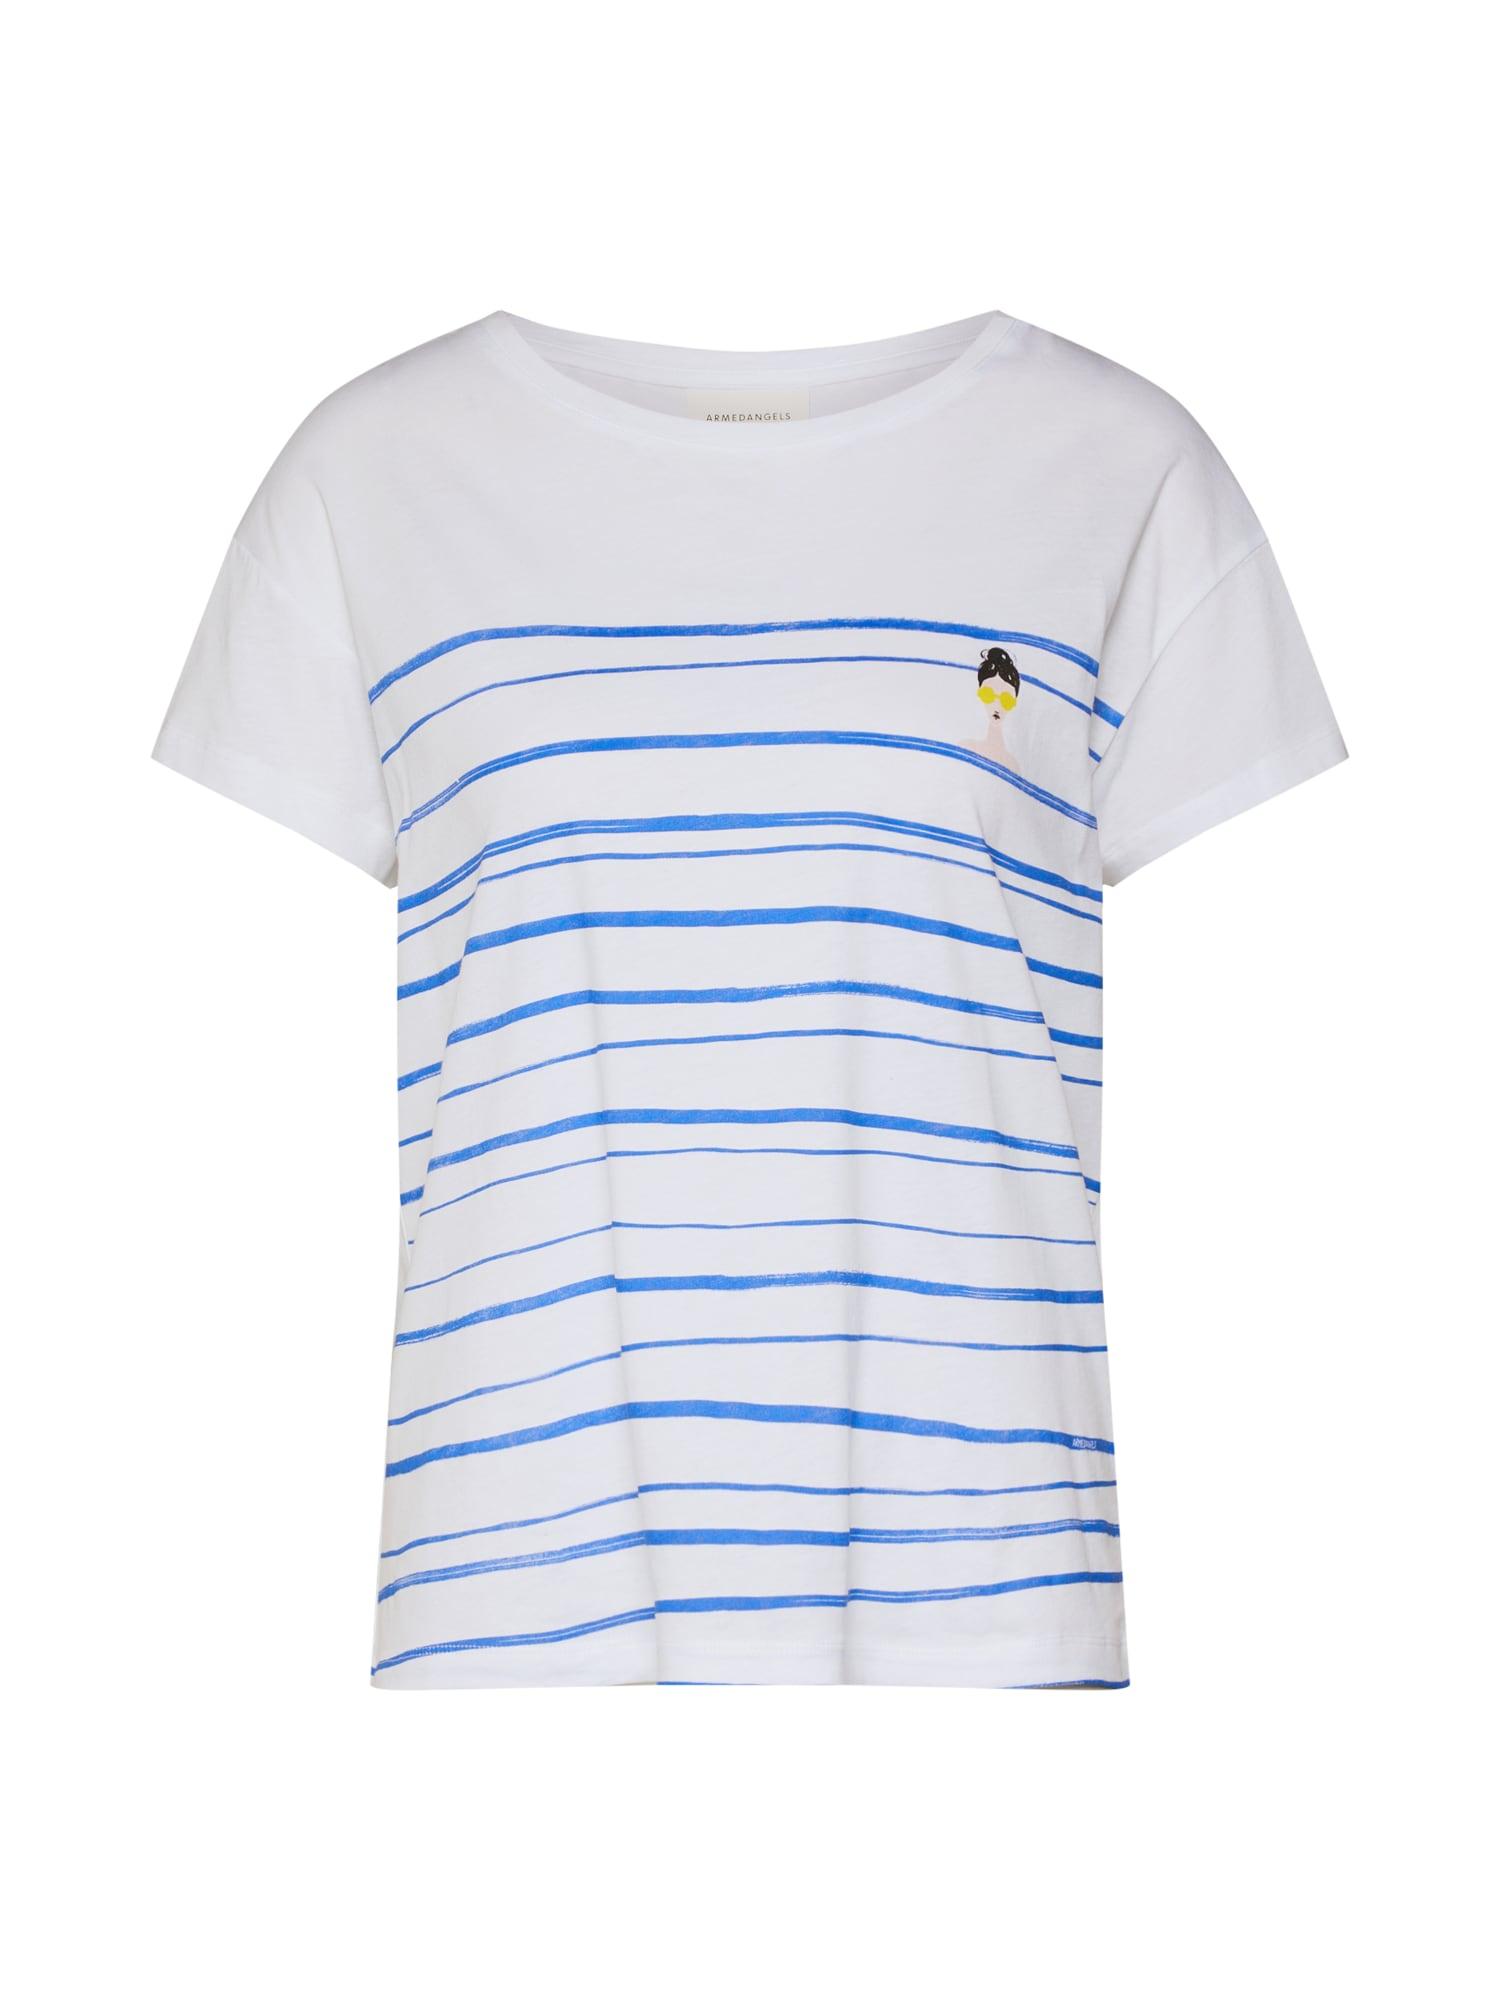 Tričko NELAA WOMAN AT THE SEA modrá bílá ARMEDANGELS